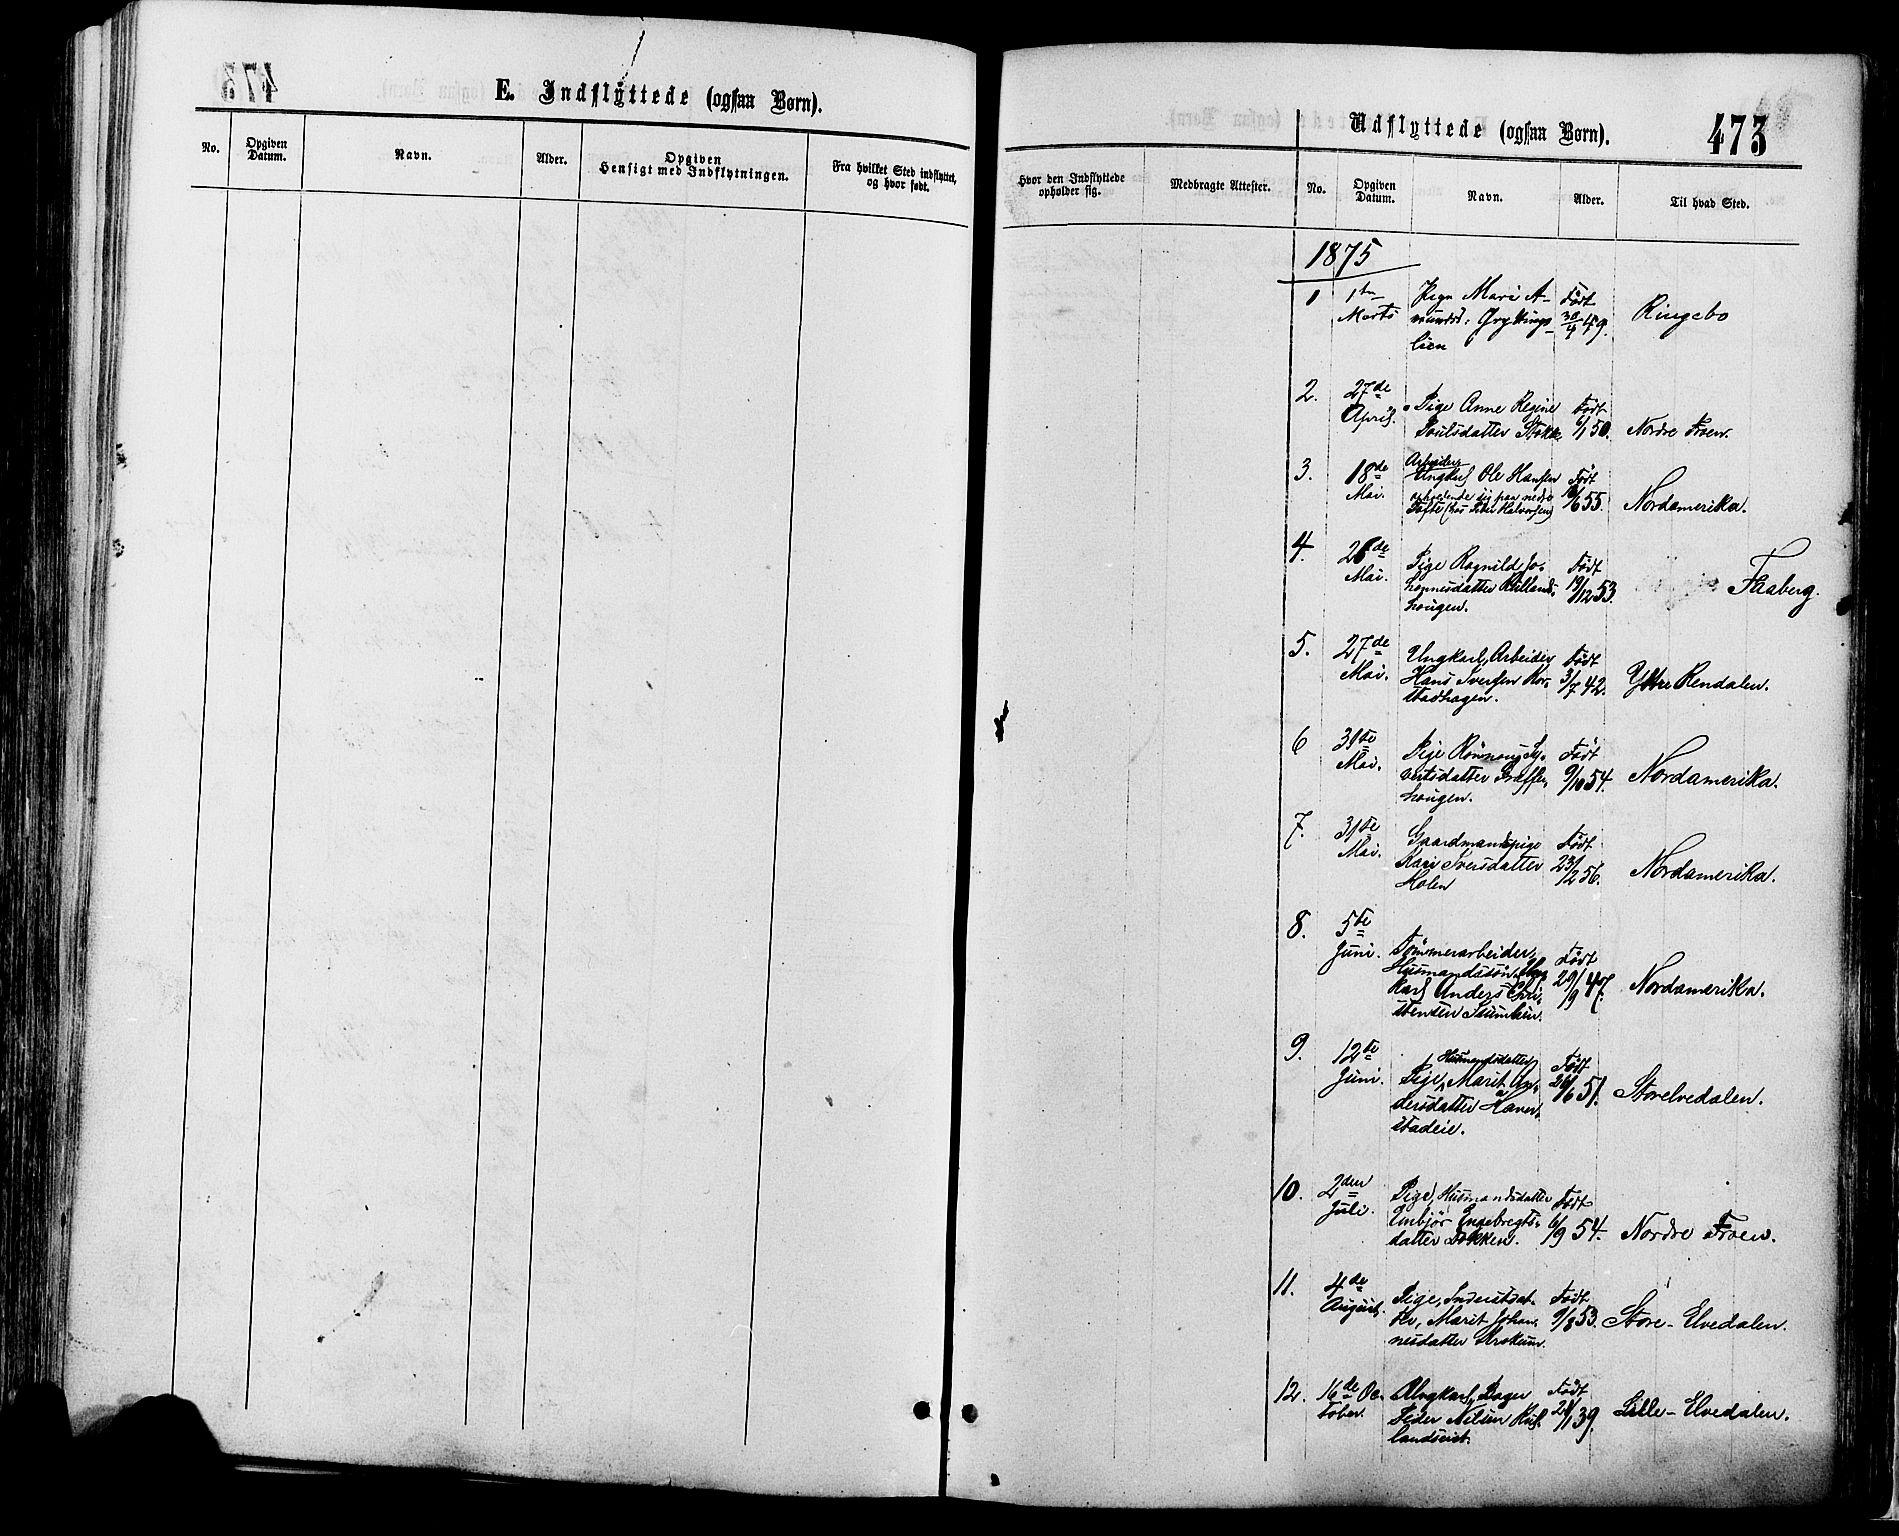 SAH, Sør-Fron prestekontor, H/Ha/Haa/L0002: Ministerialbok nr. 2, 1864-1880, s. 473